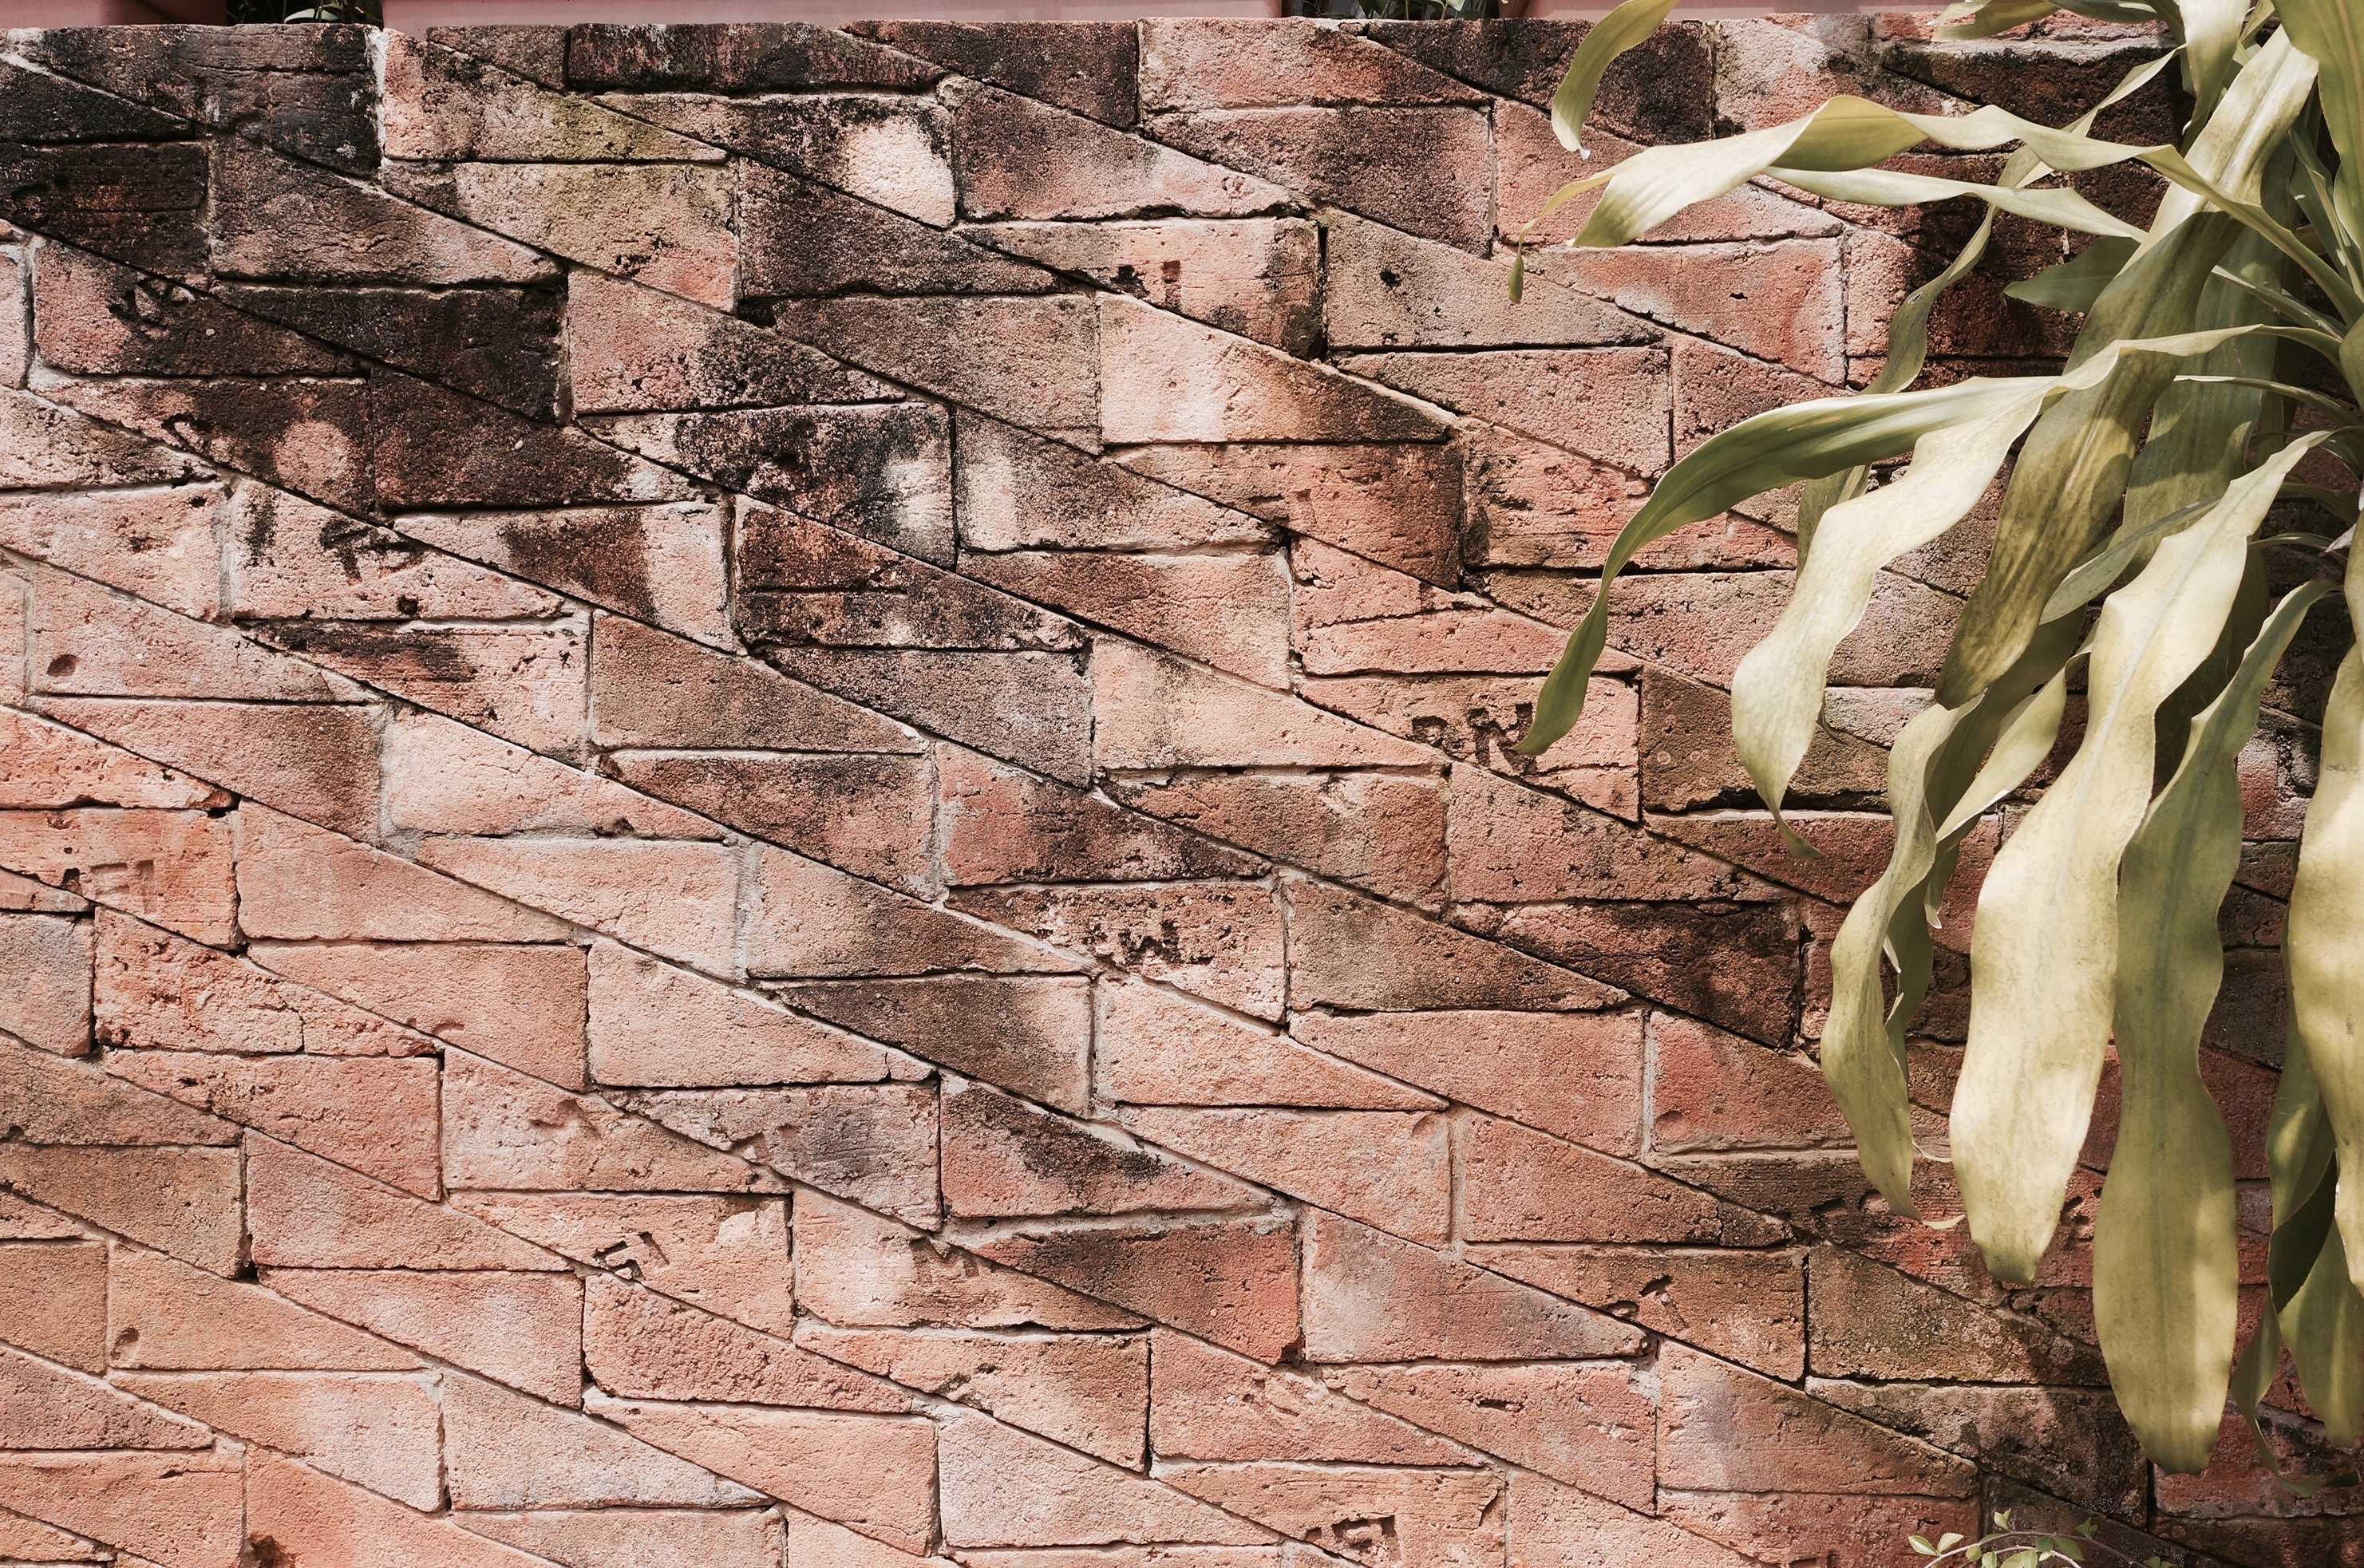 Ago Architects House At Jalan Parkit Jl. H. Toran, Rengas, Ciputat Tim., Kota Tangerang Selatan, Banten 15412, Indonesia Jl. H. Toran, Rengas, Ciputat Tim., Kota Tangerang Selatan, Banten 15412, Indonesia Ago-Architects-House-At-Jalan-Parkit   59808